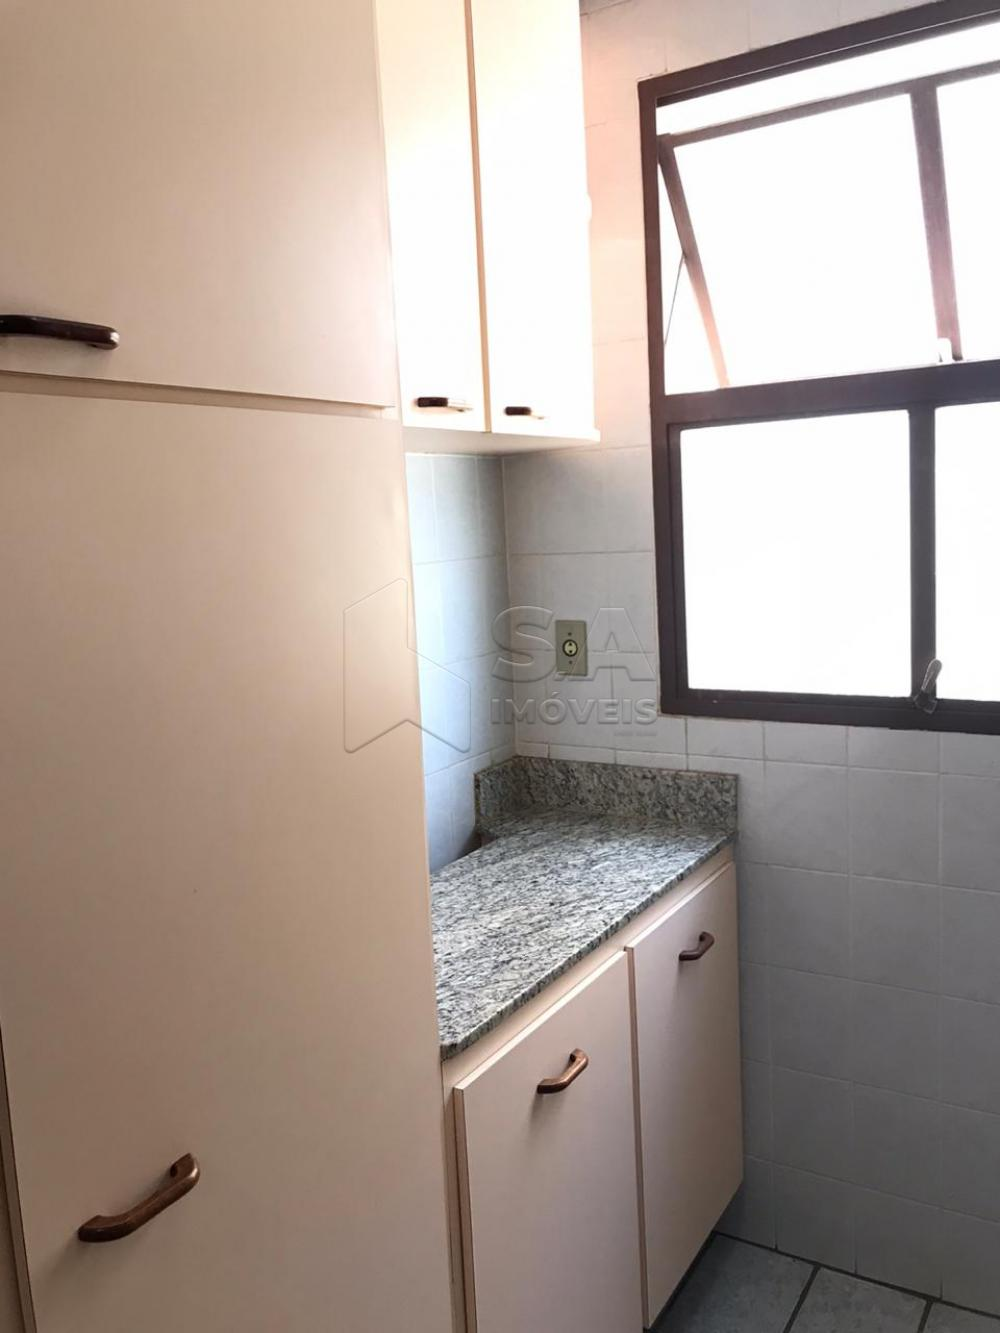 Alugar Apartamento / Padrão em Botucatu apenas R$ 650,00 - Foto 7